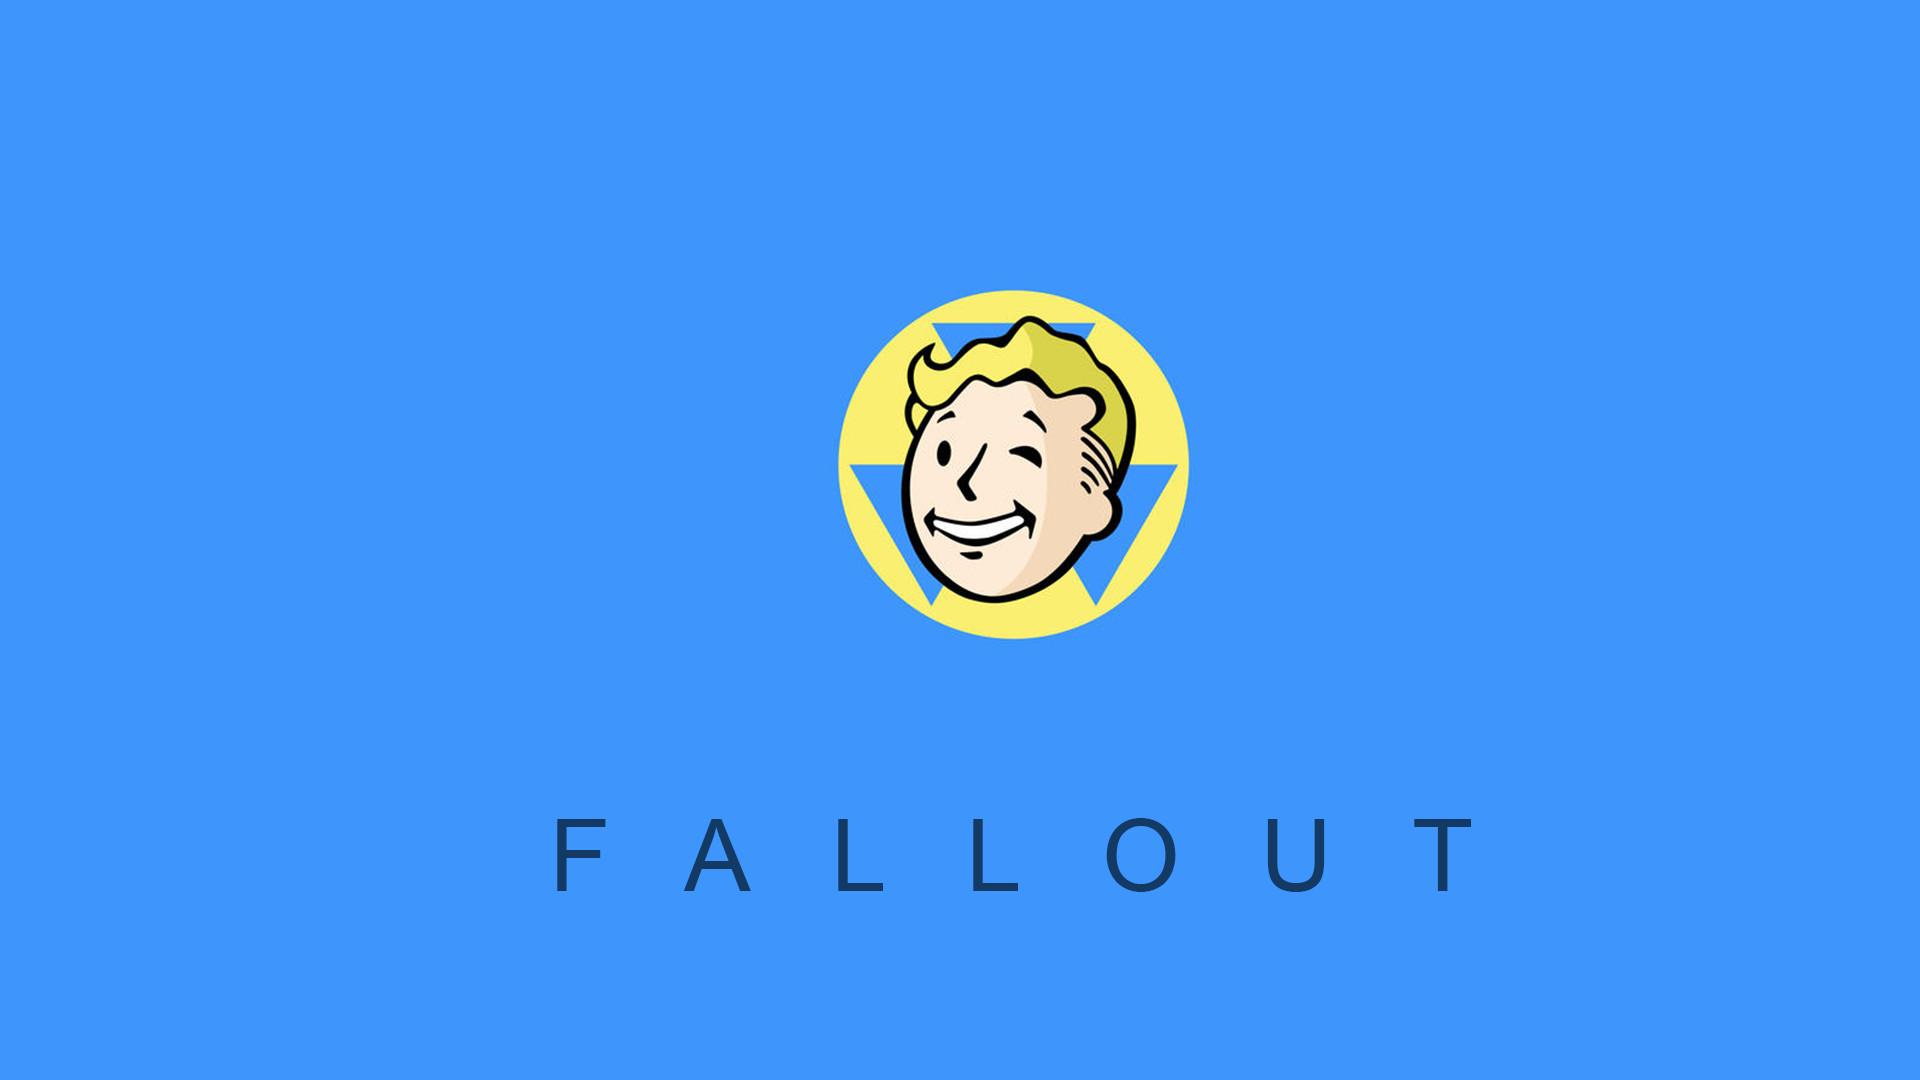 Fallout Vault Boy Wallpaper [1920 x 1080] …